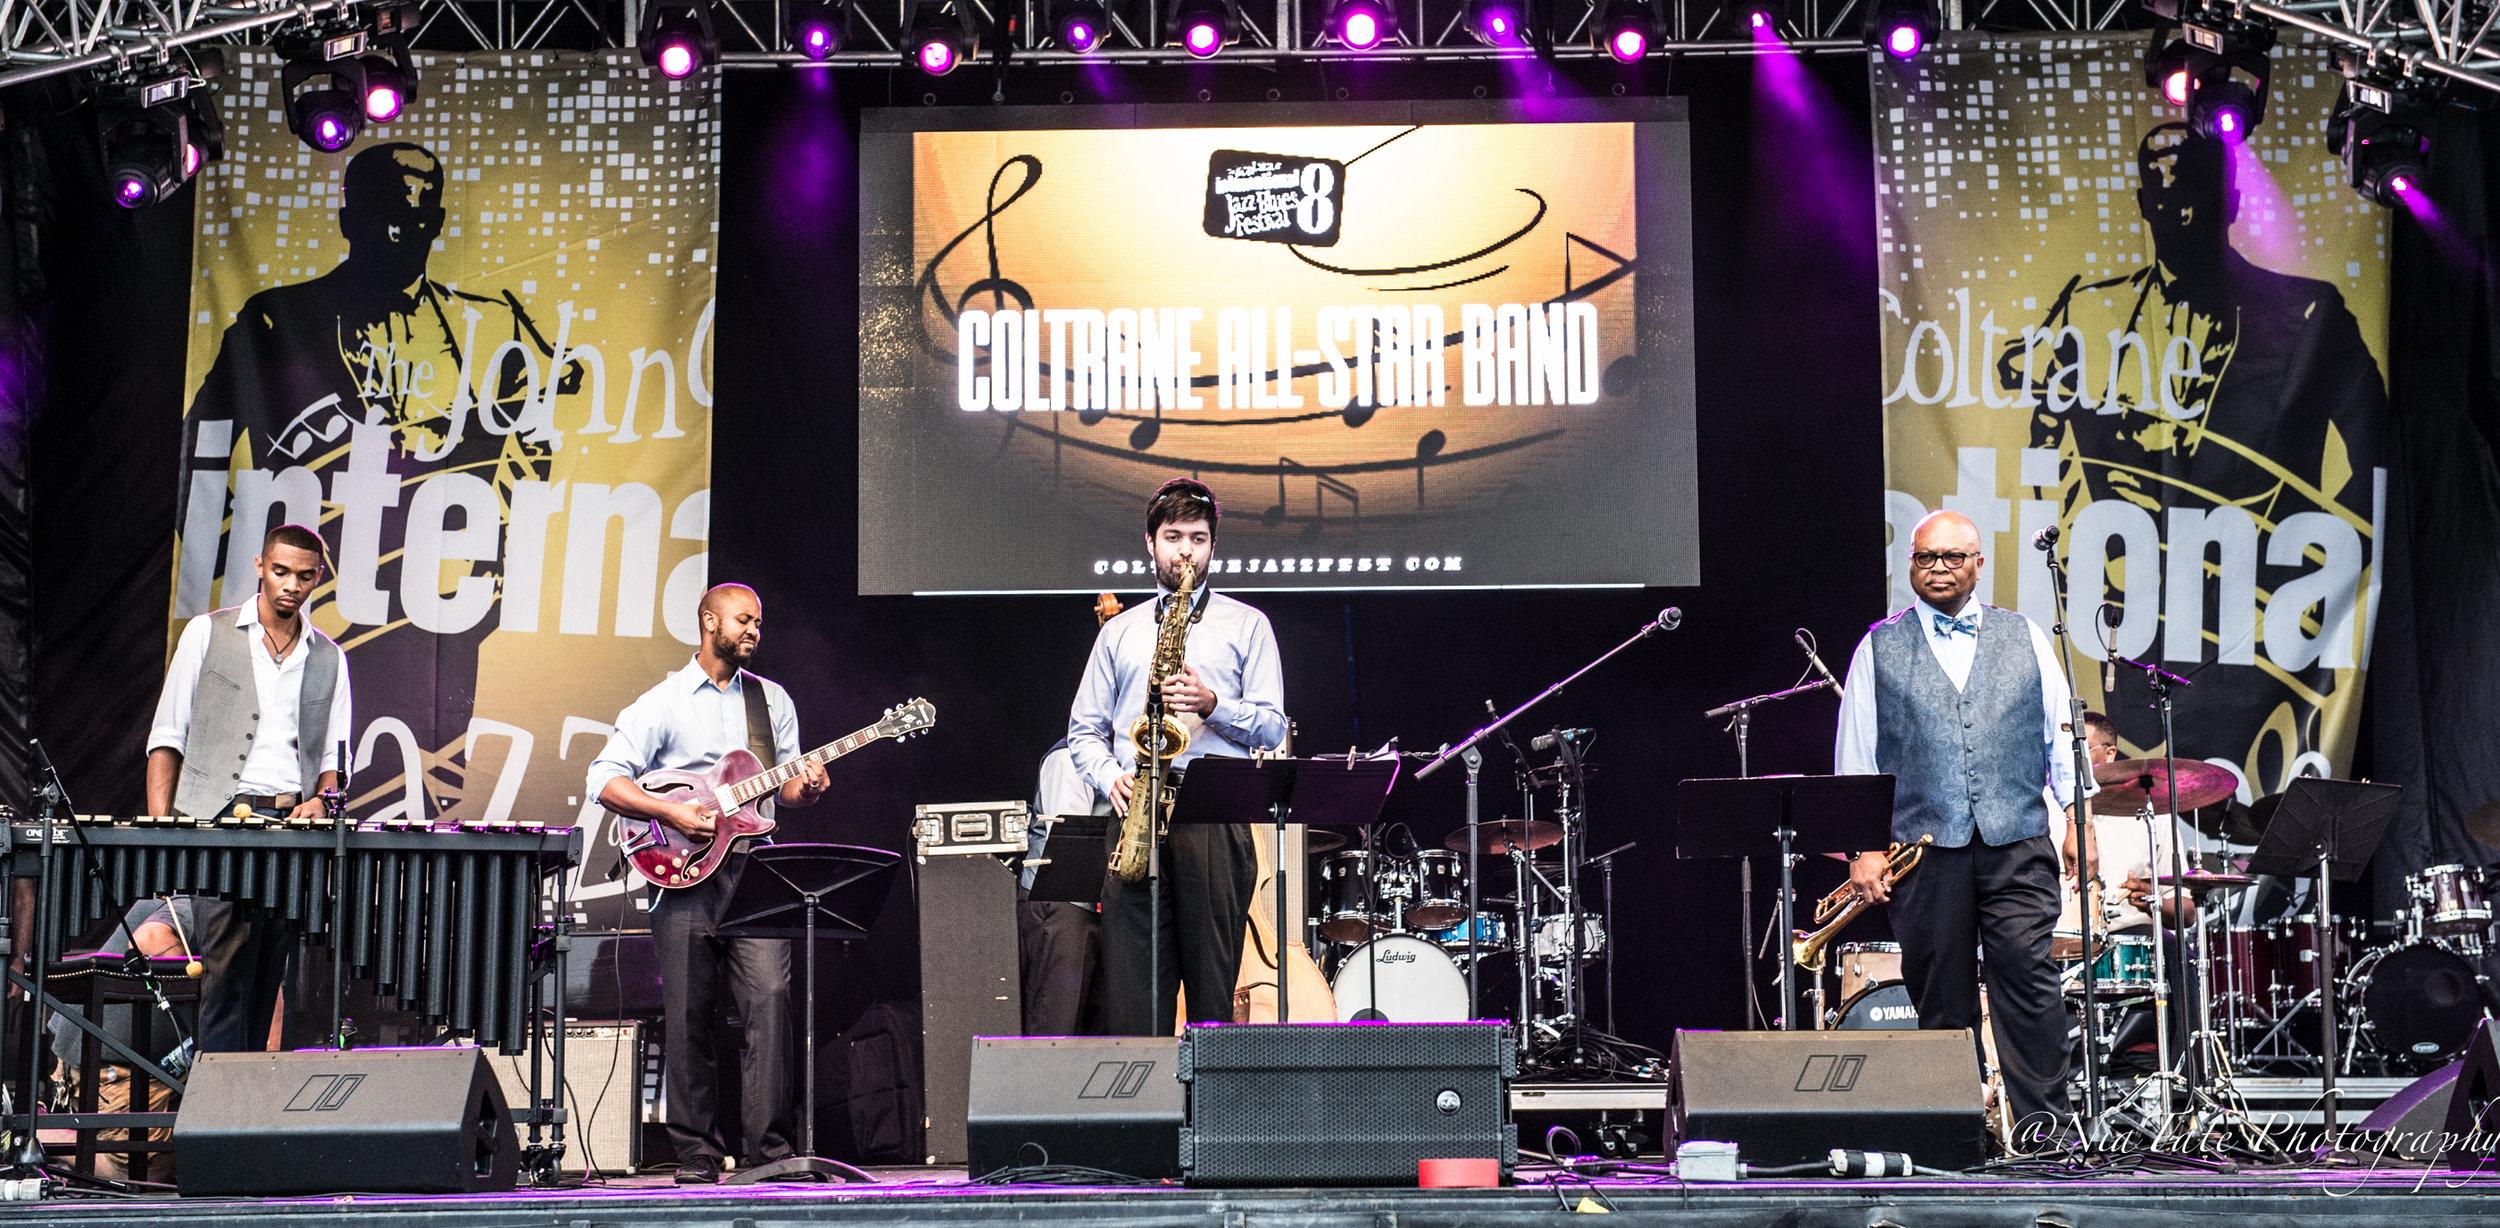 Coltrane Allstar Band